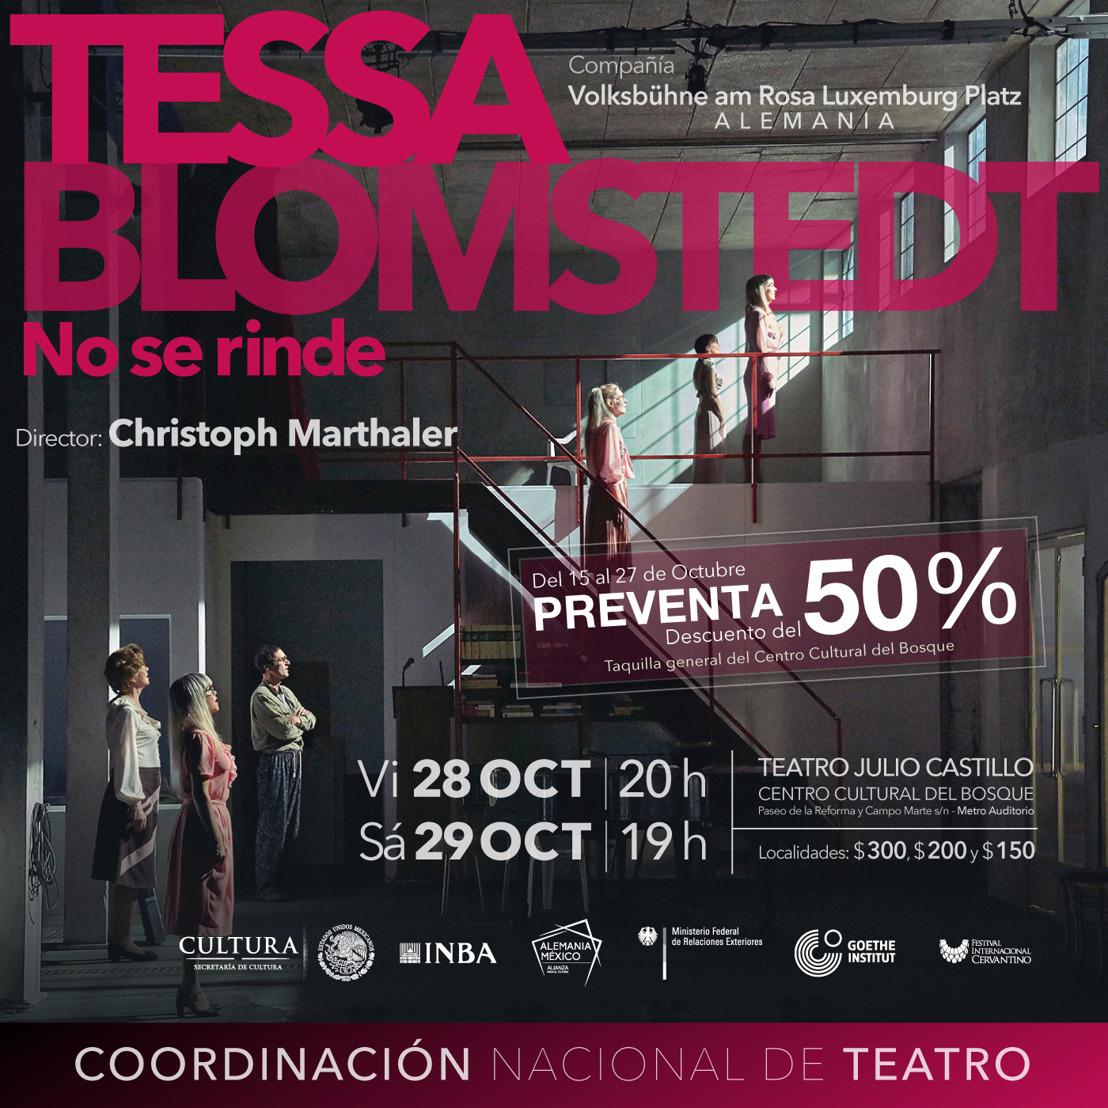 Tessa Blomstedt no se rinde